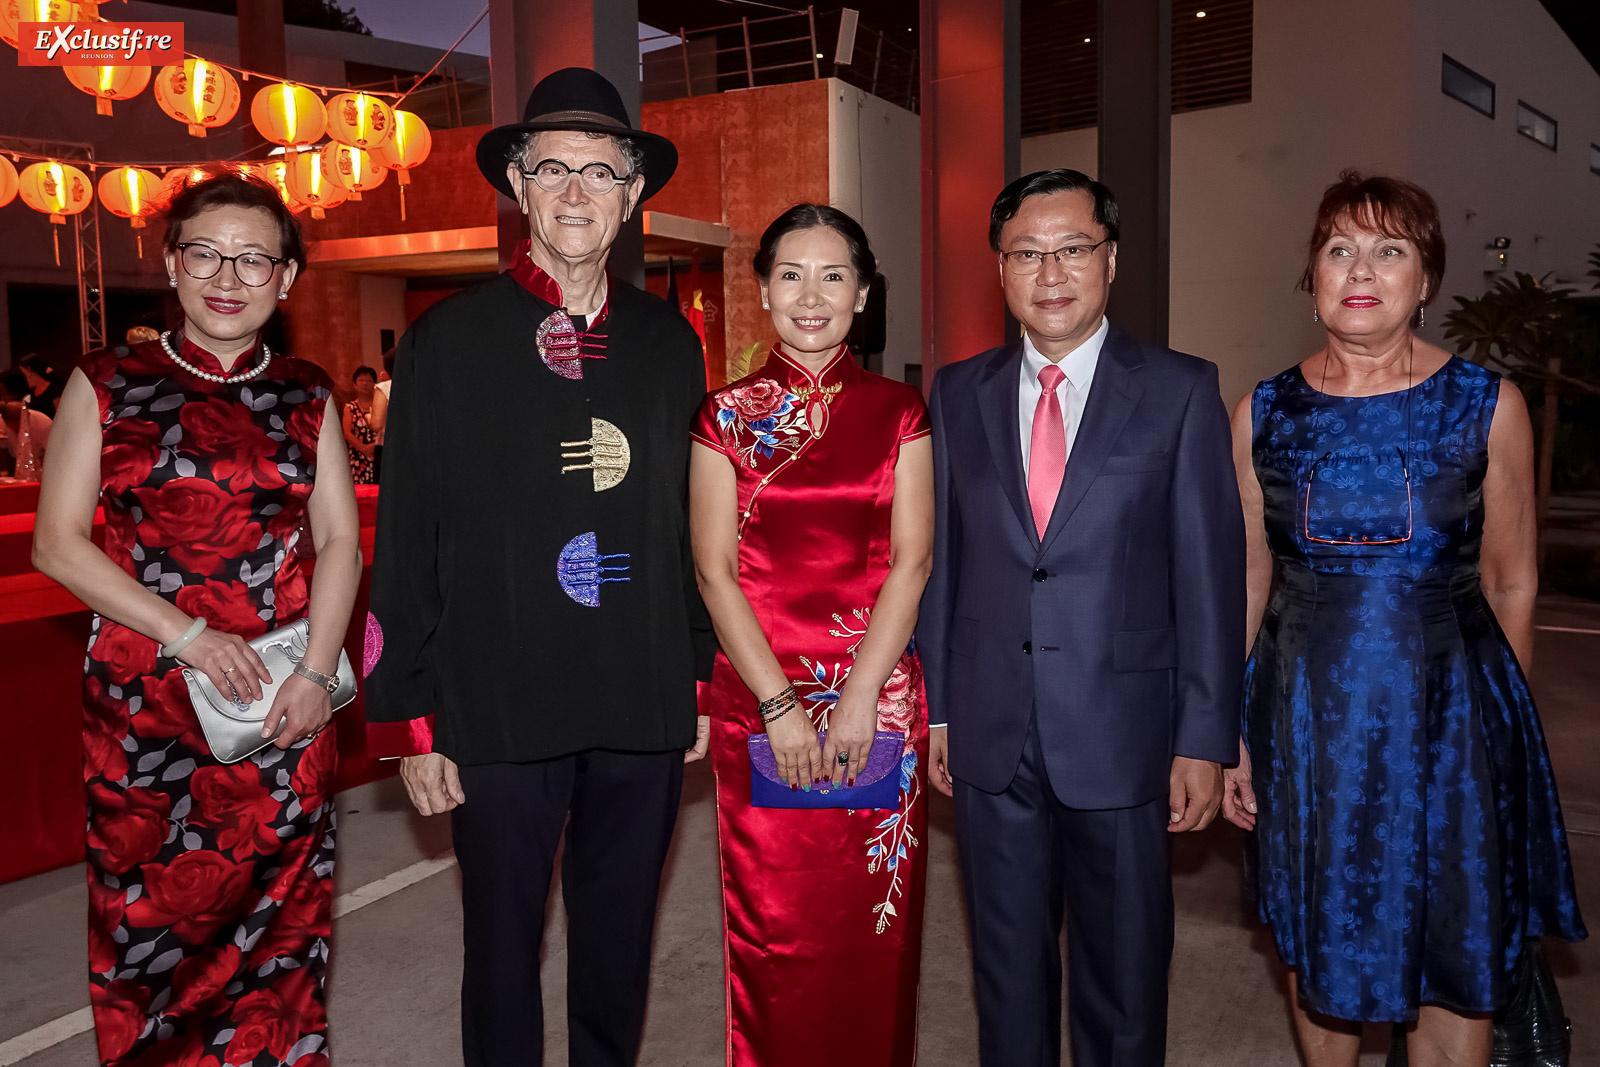 Yang Qing, vice-consule générale de Chine à La Réunion, René-Louis Pastel, président de la Cité des Arts, Dong Zhijiao, son époux Chen Zhihong, Consul Général de la République populaire de Chine à La Réunion, et Martine Pestel